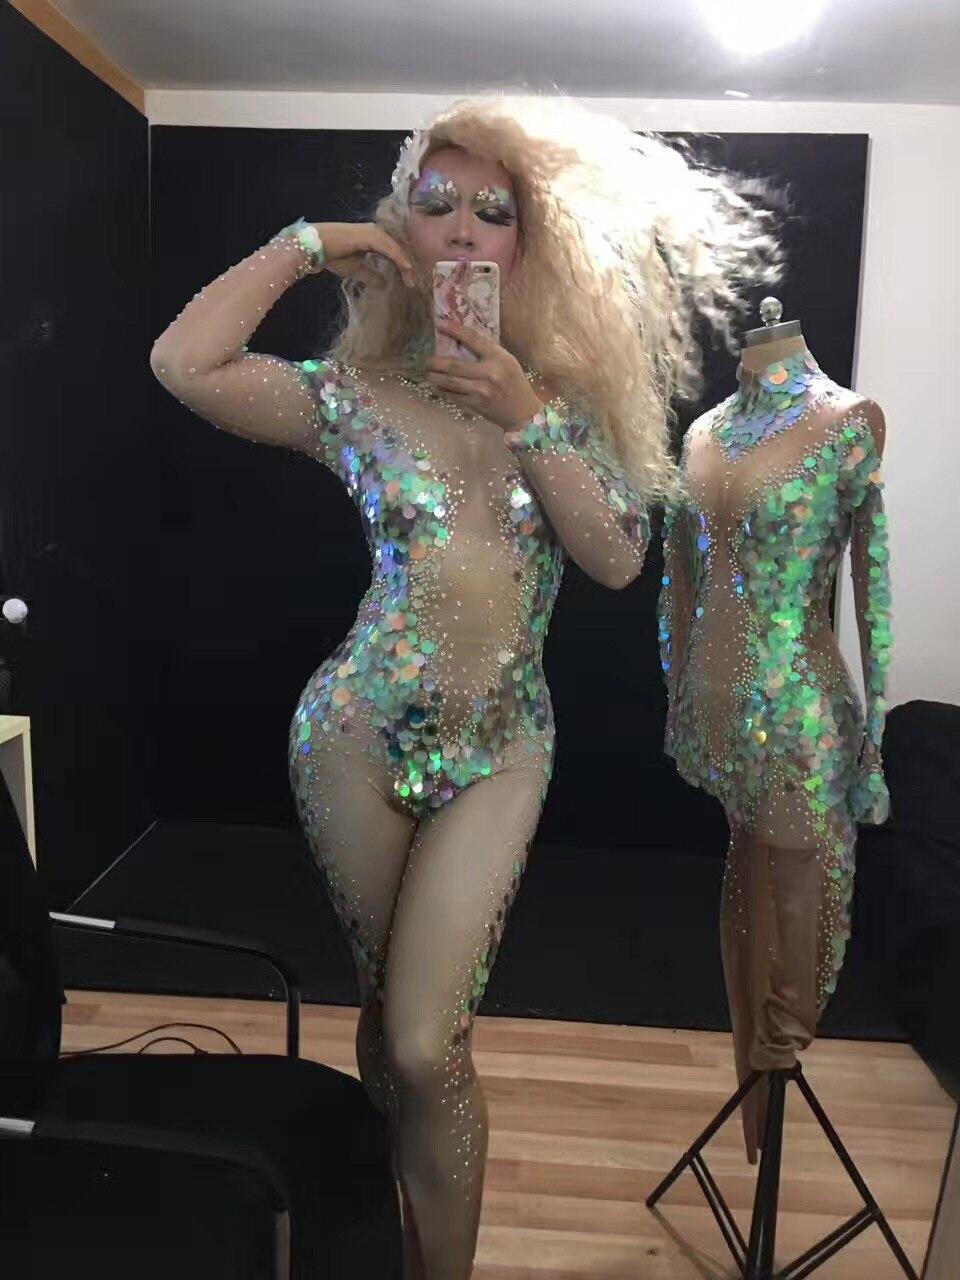 Женские блестящие Лазерные Блестки Русалка комбинезон рыбья чешуя наряд костюм тощие знаменитости партия Стразы этап одежда Комбинезоны